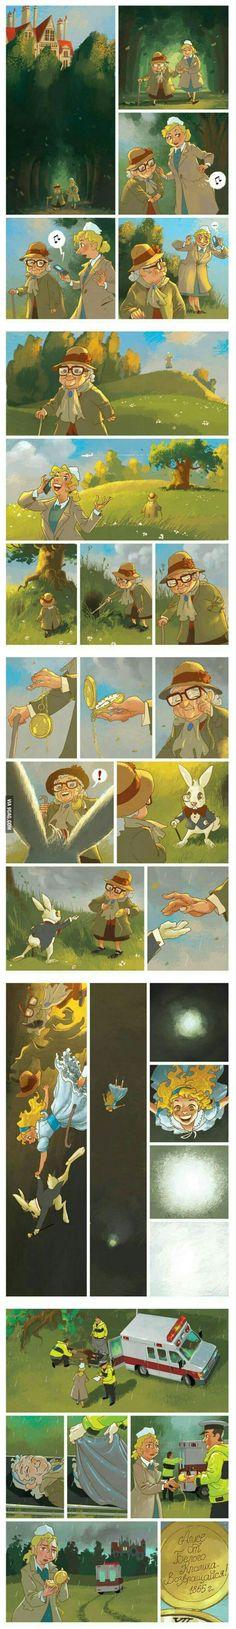 Alice's last adventure